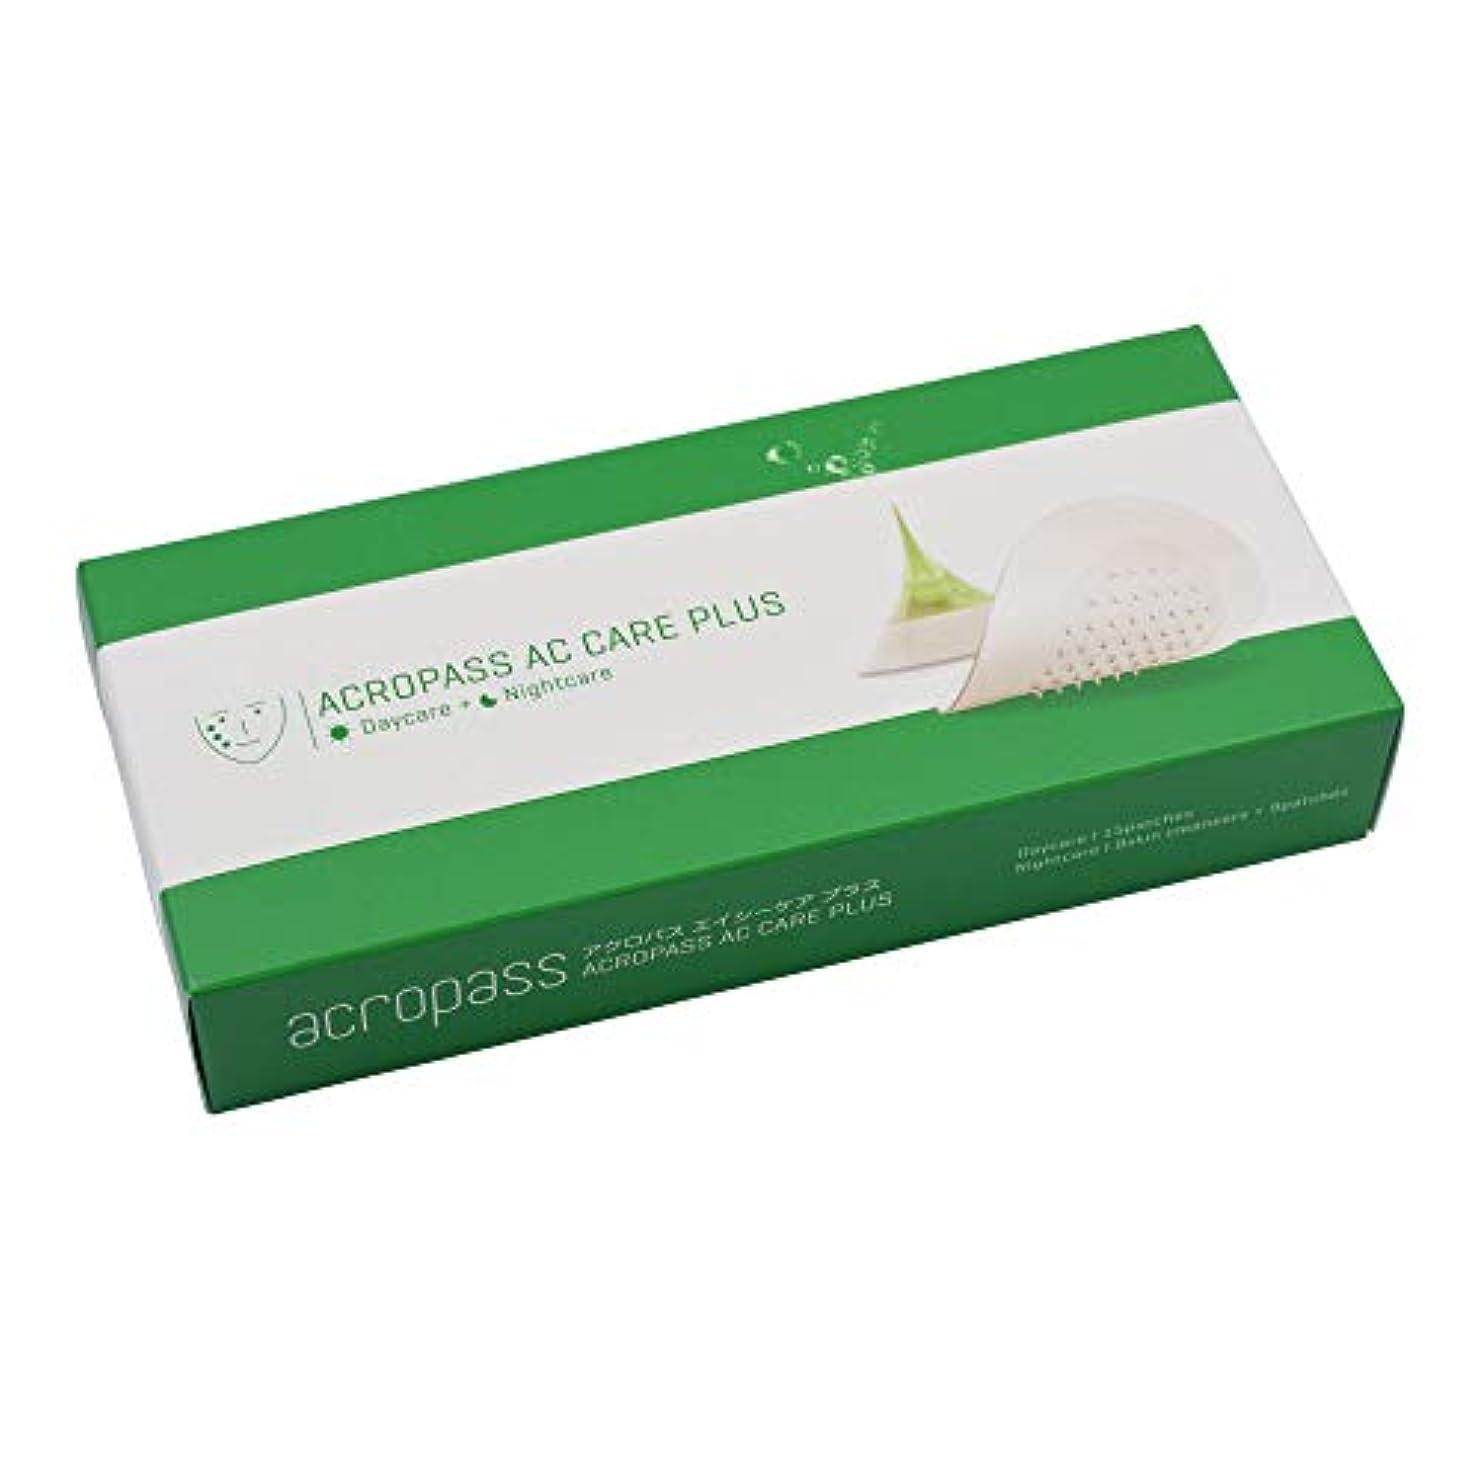 ピストルゴム道Acropass (アクロパス) アクロパス エイシーケア プラス フェイスマスク 無香料 Daycare用15パッチ+Nightcare用スキンクレンザー9枚+9パッチ